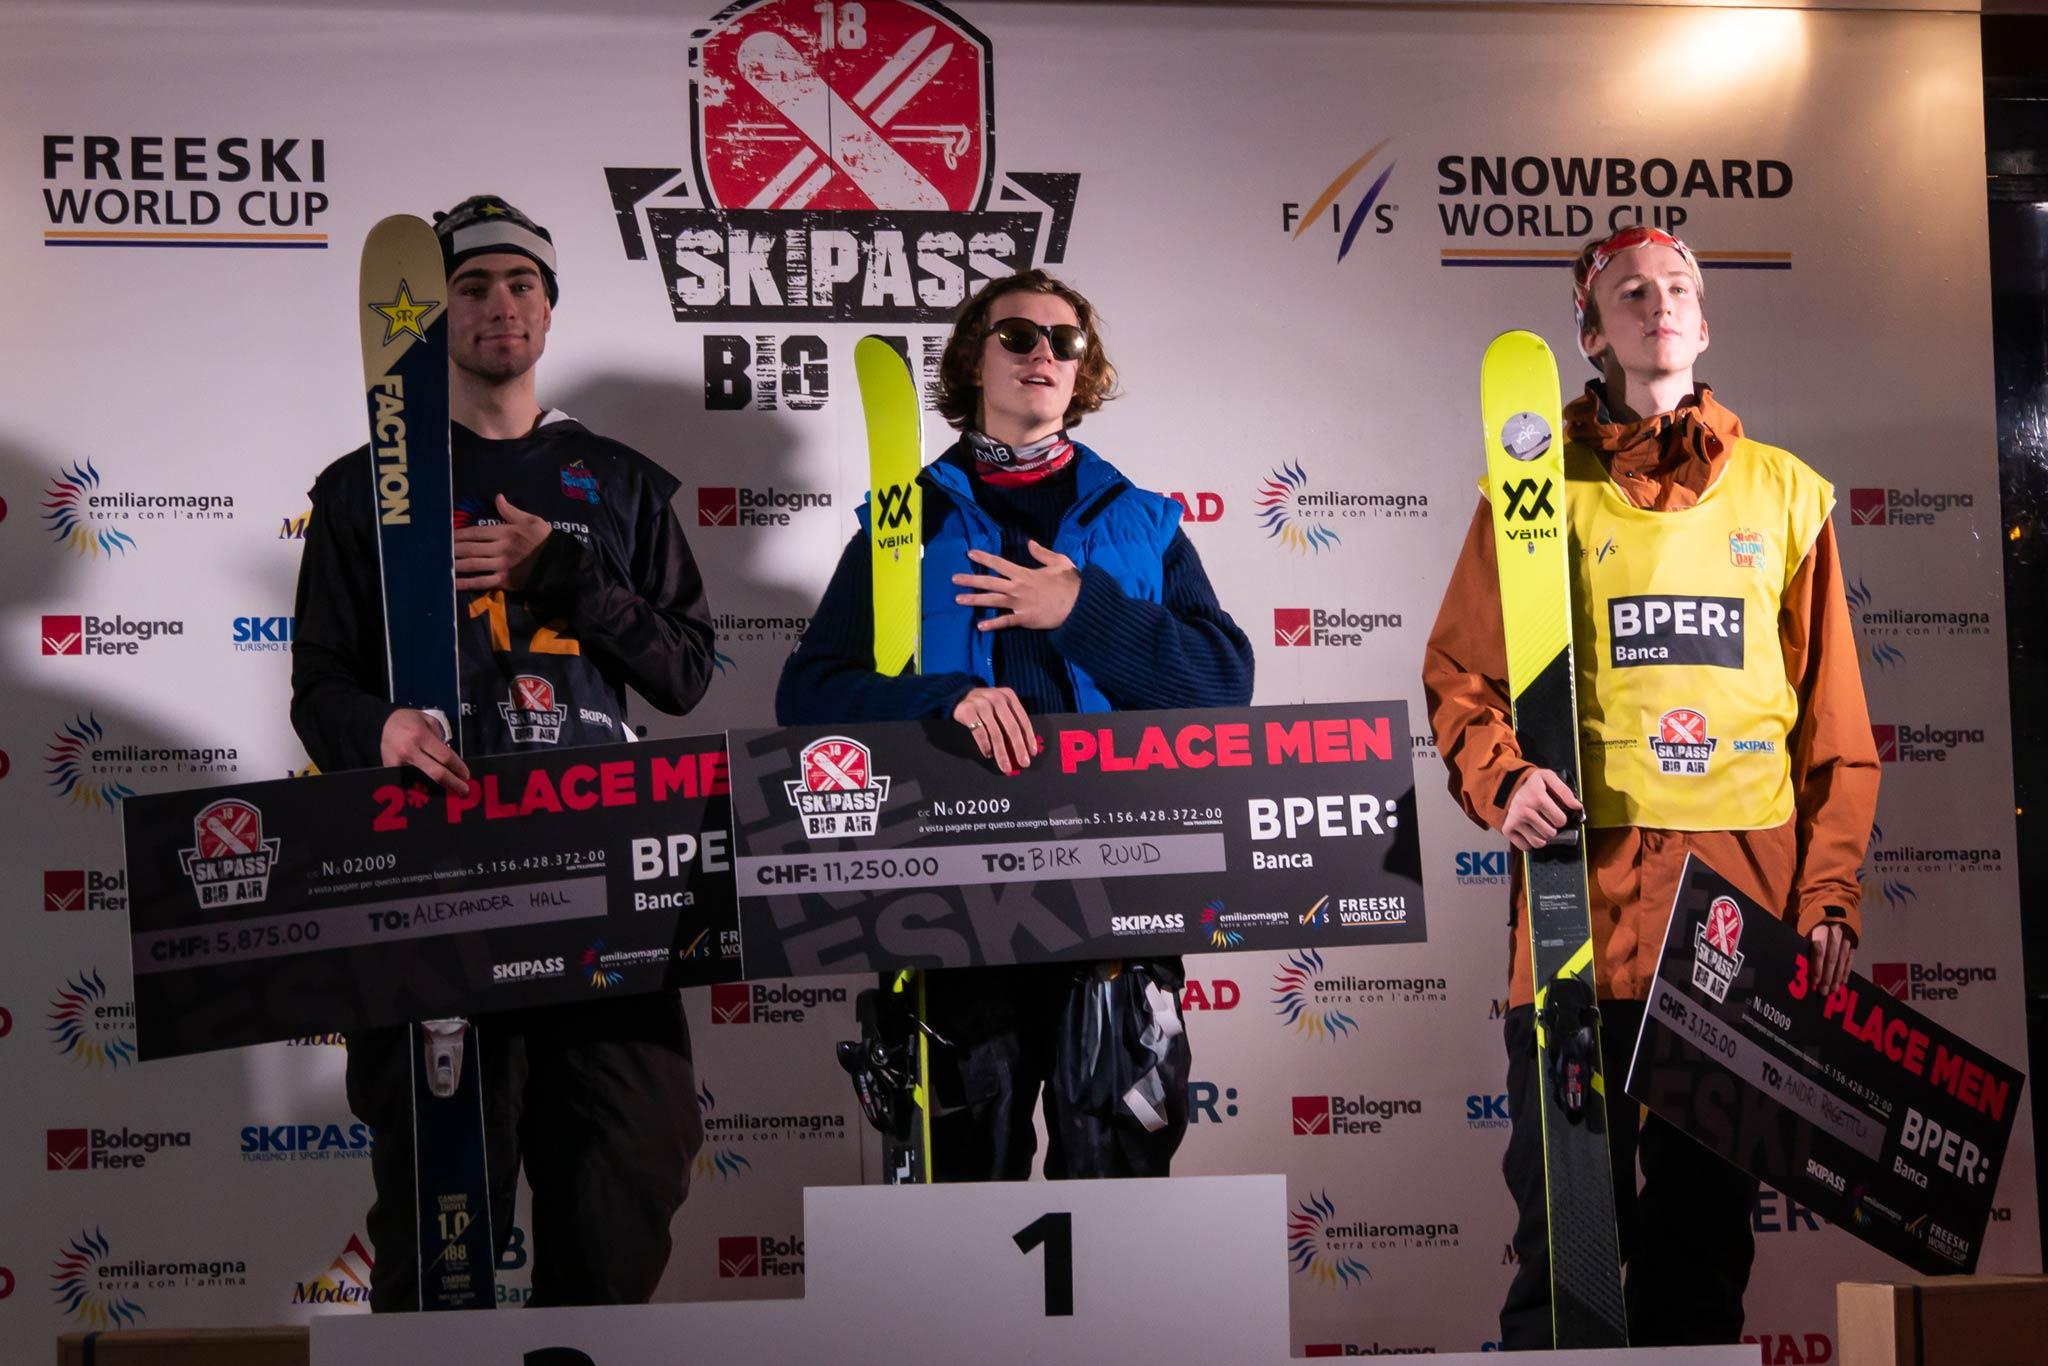 Das Podium der Männer: Alexander Hall (USA), Birk Ruud (NOR) und Andri Ragettli (SUI) (v.l.n.r.) - Foto: FIS Freestyle